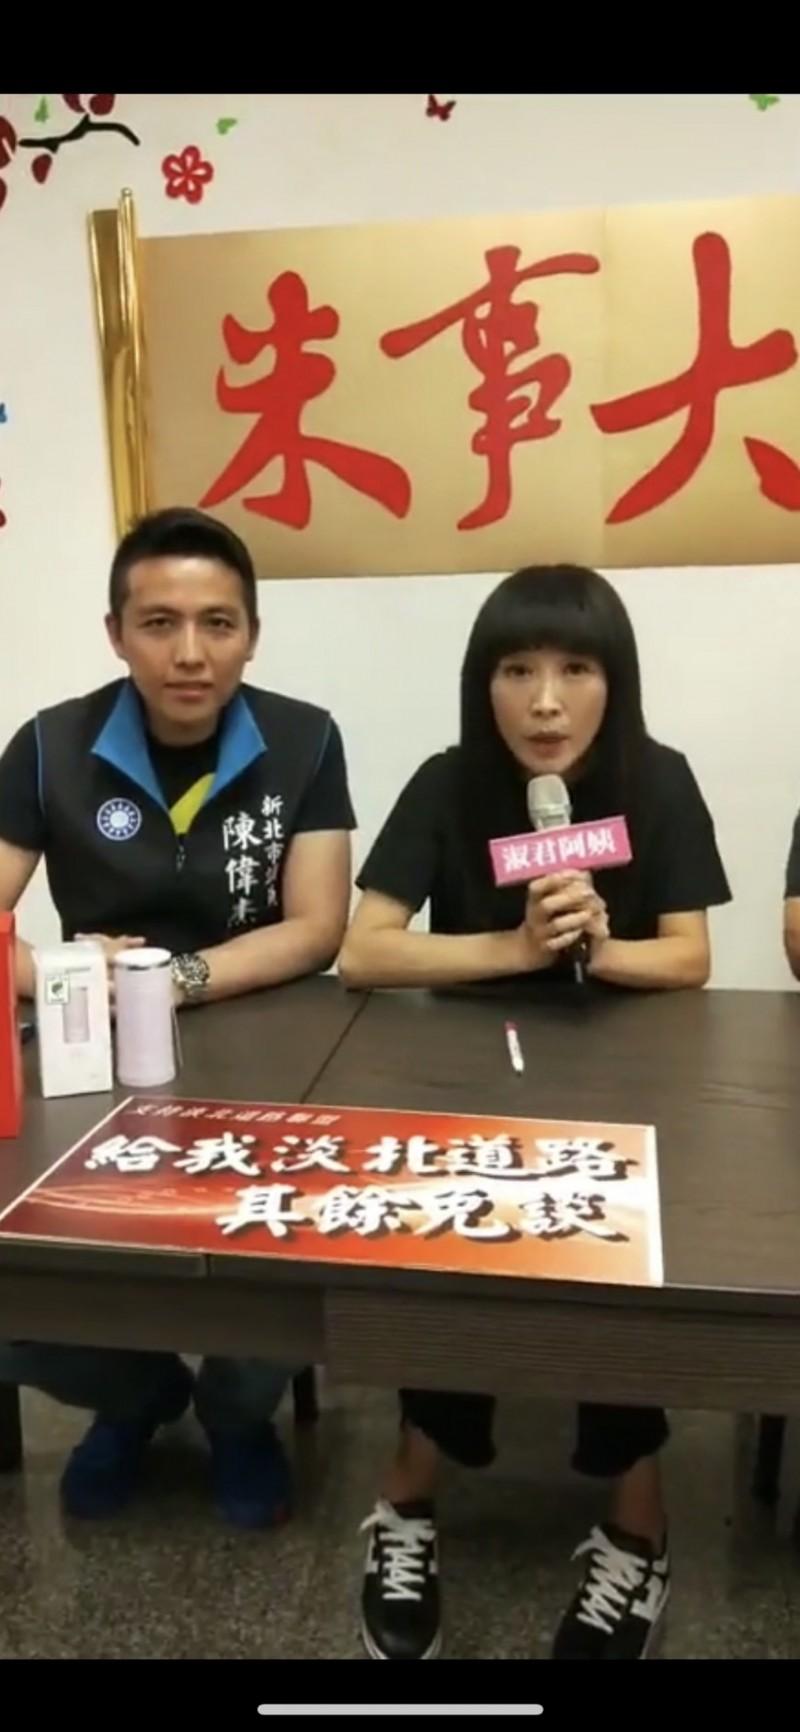 新北市議員陳偉杰(左)、蔡淑君一起開直播,希望林口鄉親幫忙連署挺淡北道路。(蔡淑君服務處提供)